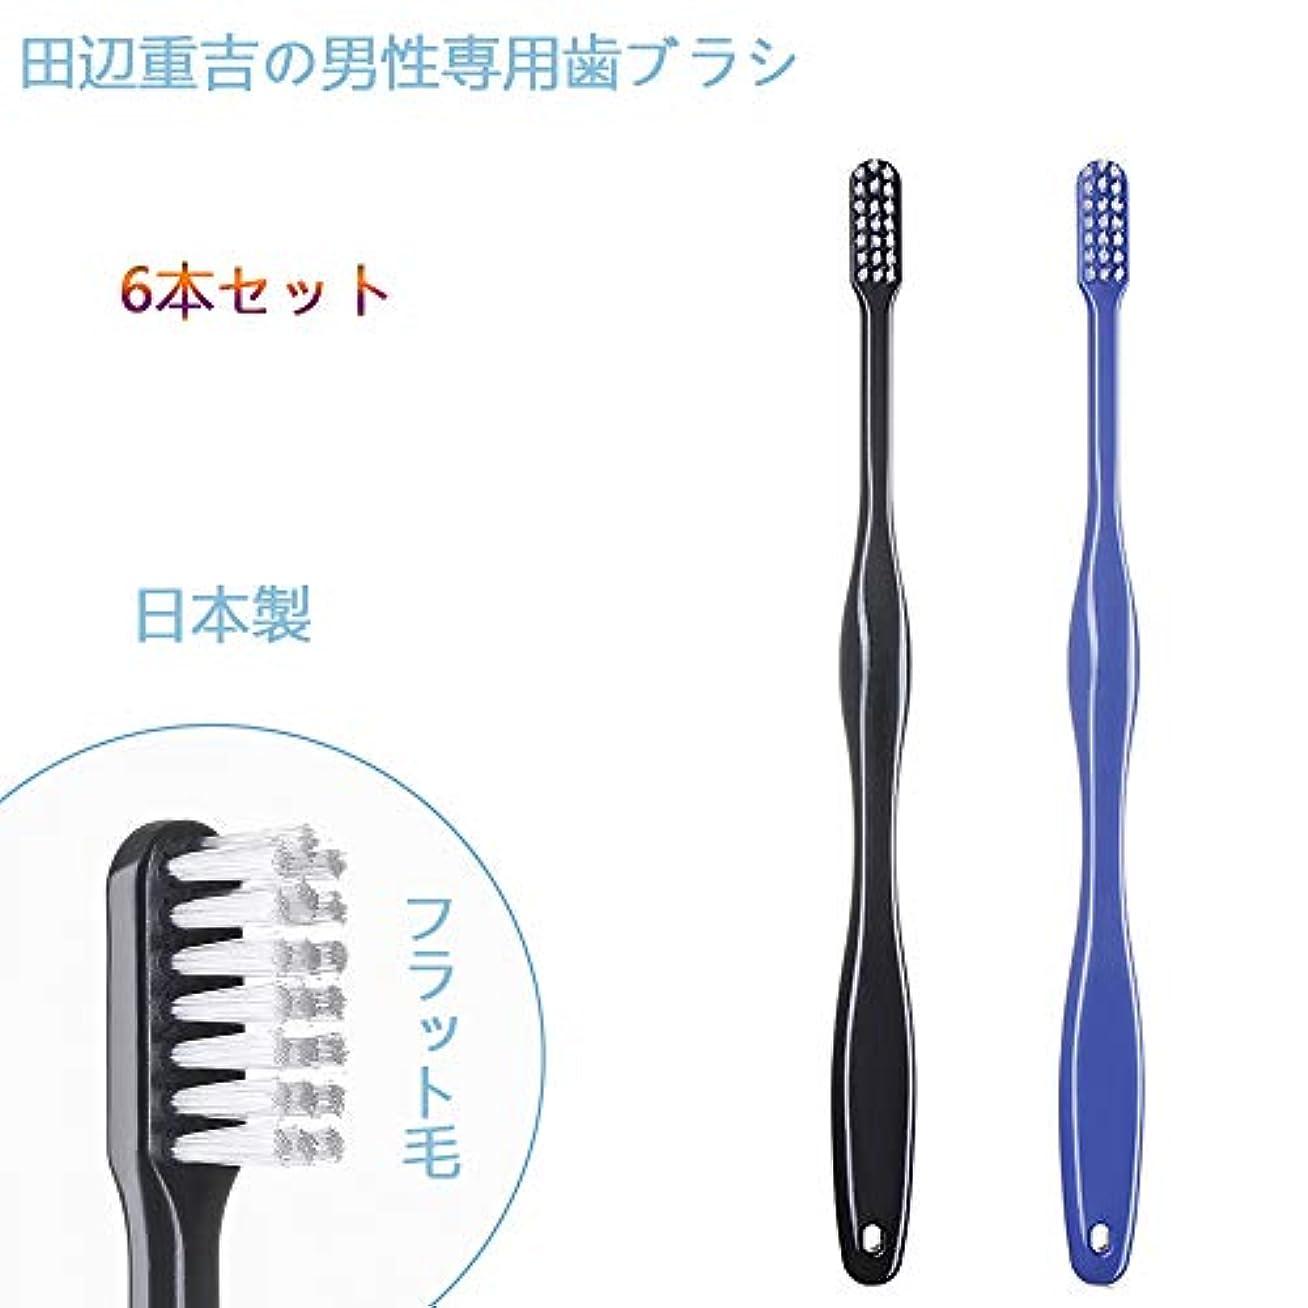 匿名実験オリエント歯ブラシ職人 Artooth ® 田辺重吉の磨きやすい 男性専用 歯ブラシ MEN' S 日本製 耐久性UP 6本セットLT-08(色おまかせ)